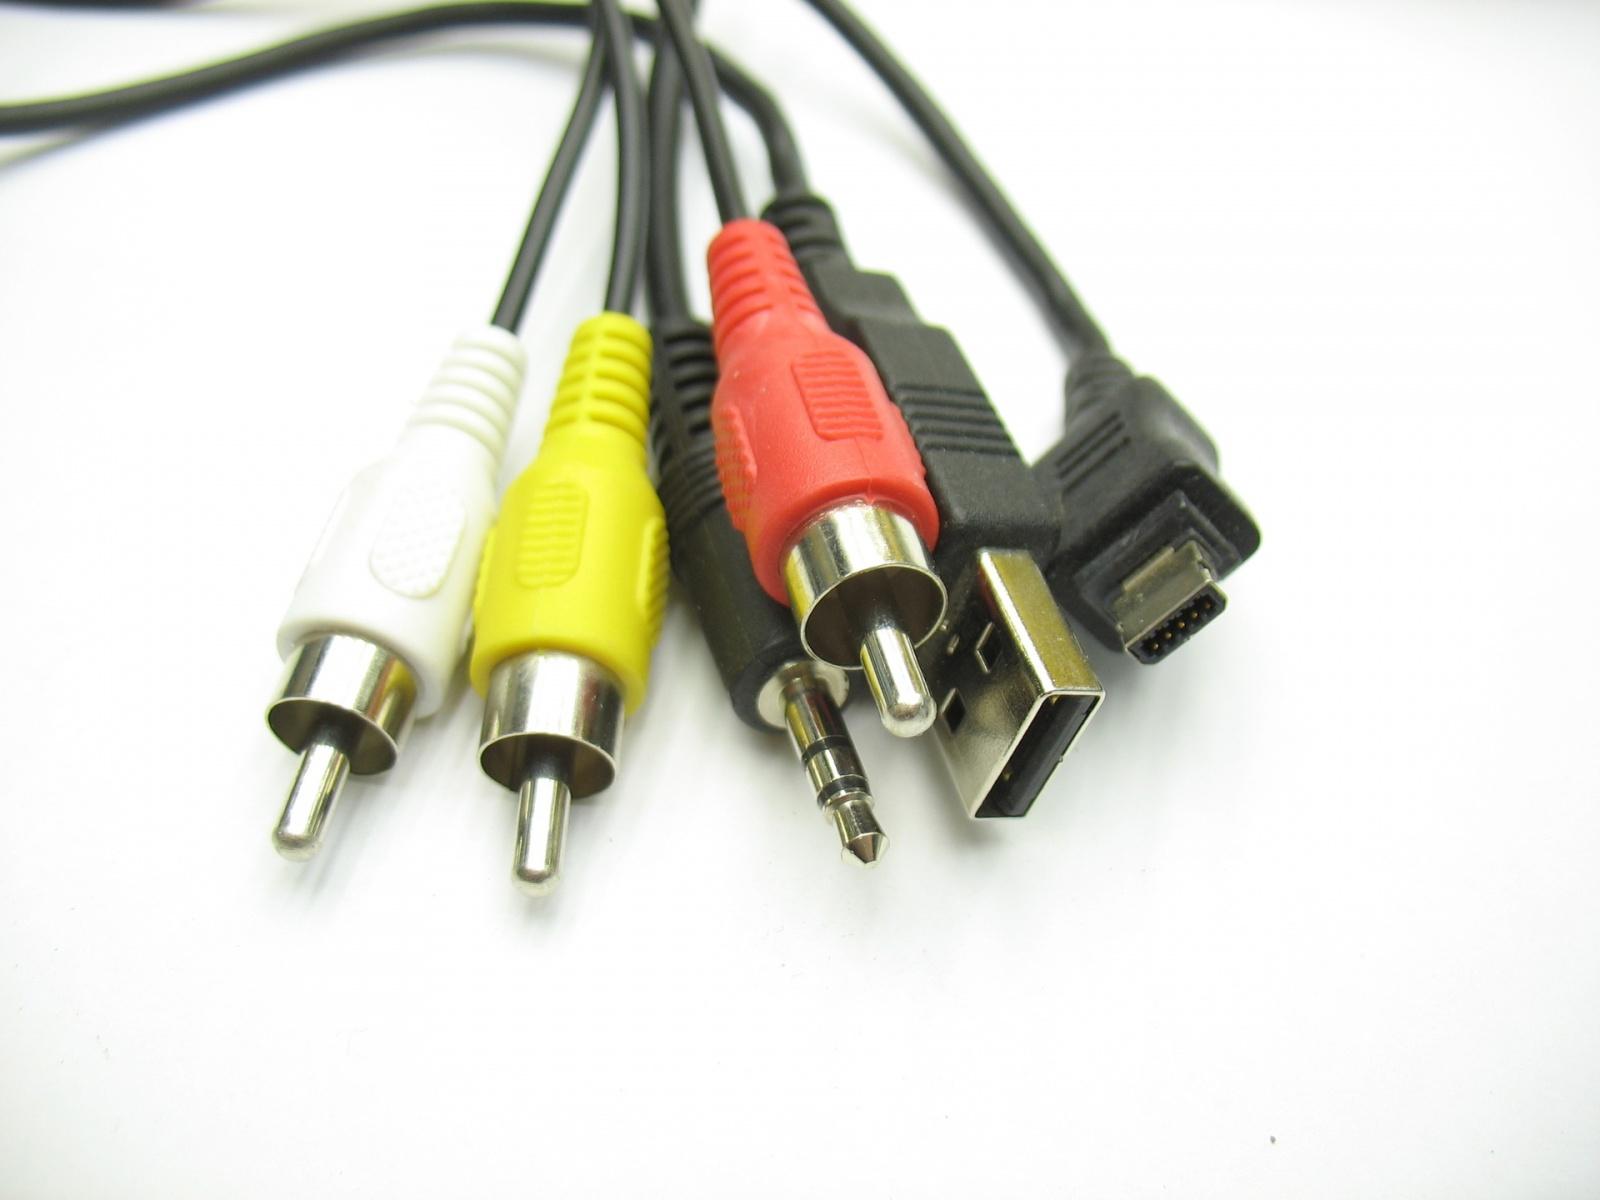 Руководство по материалам электротехники для всех. Часть 2 - 5